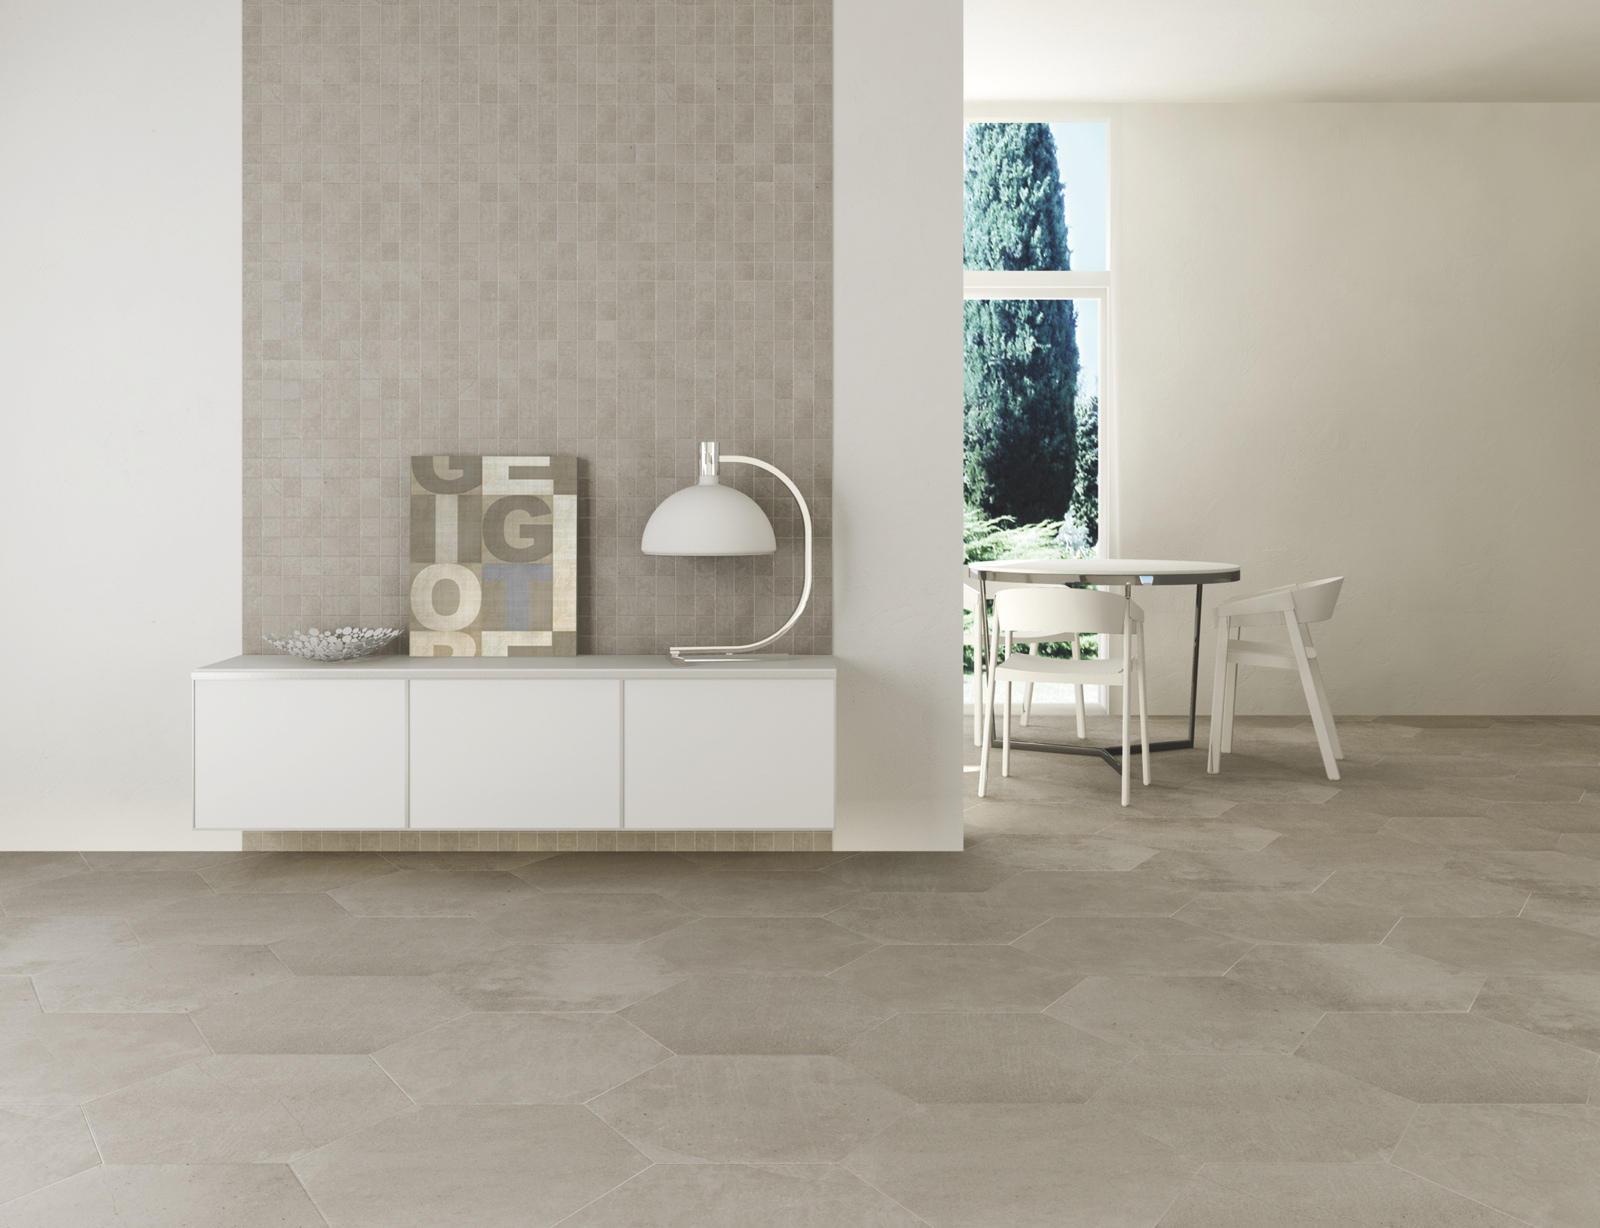 pietra baug antracite keramik fliesen von casalgrande. Black Bedroom Furniture Sets. Home Design Ideas